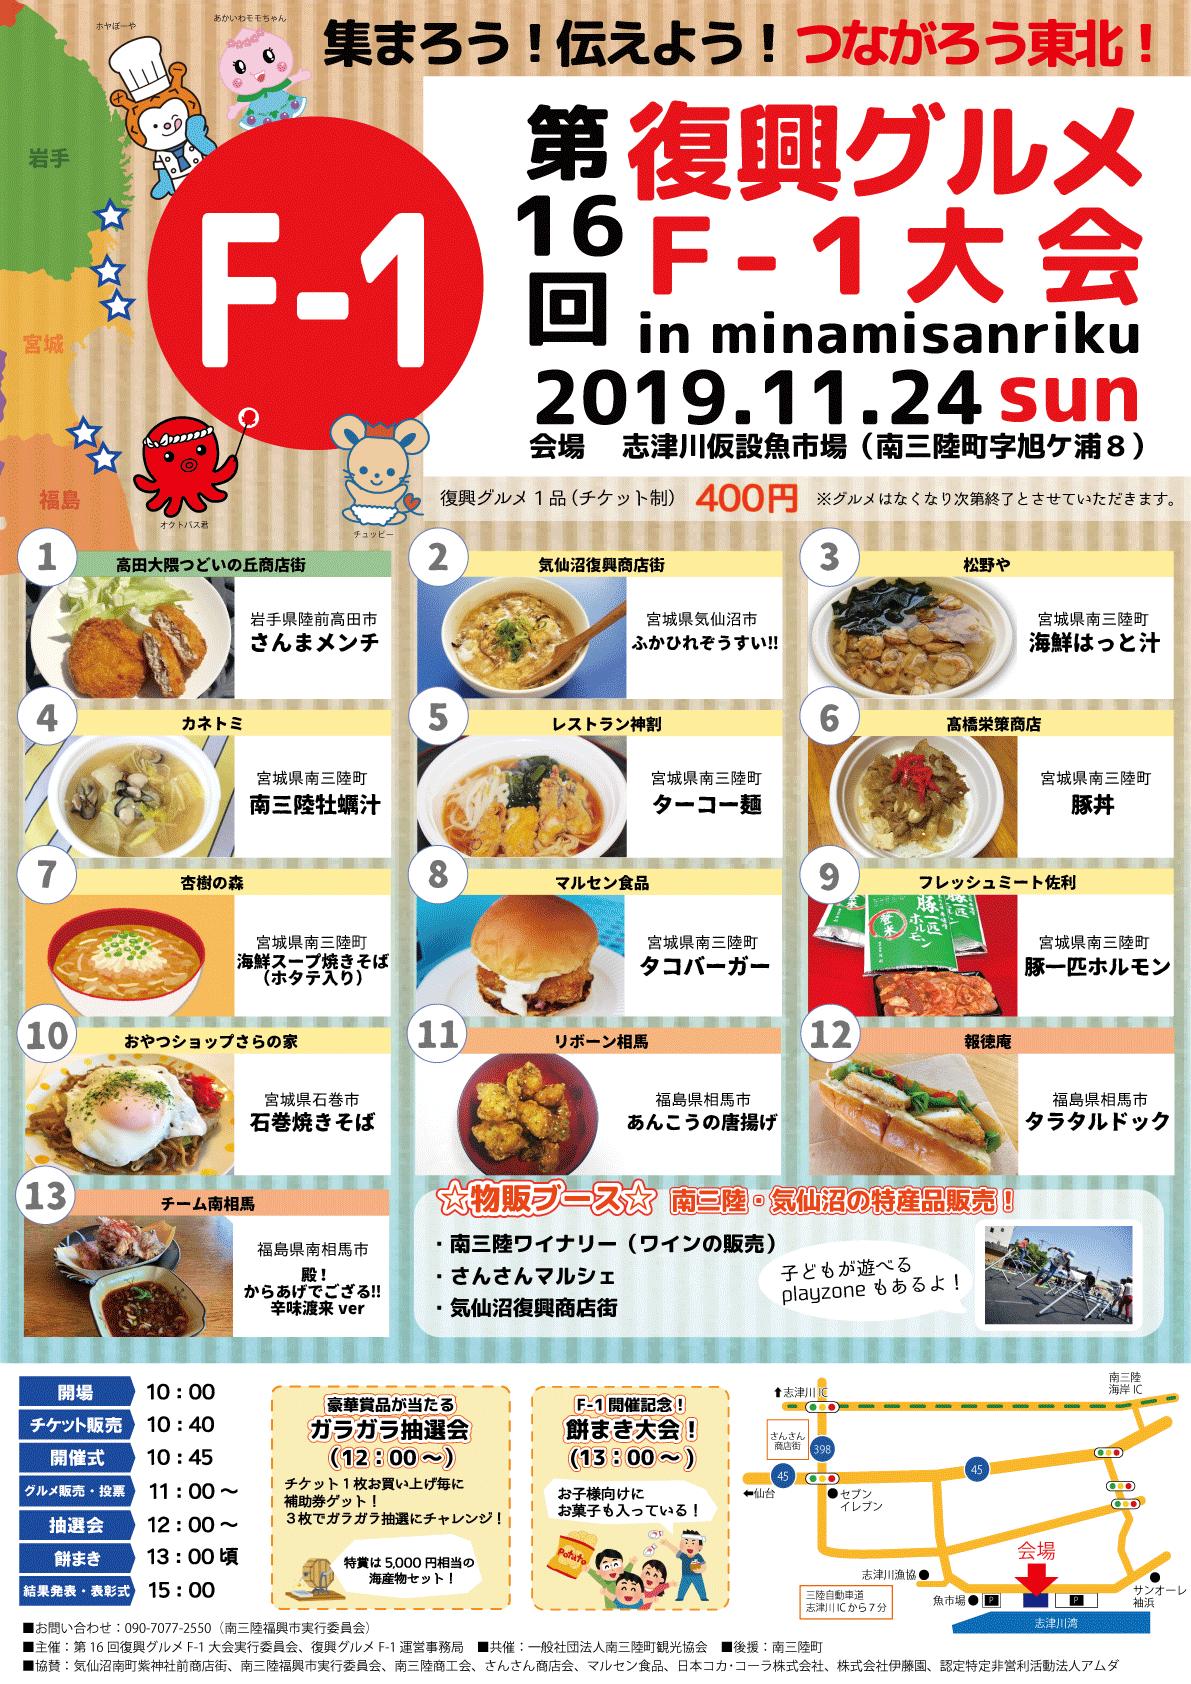 第16回「復興グルメF-1大会」!明日11月24日(日)開催!